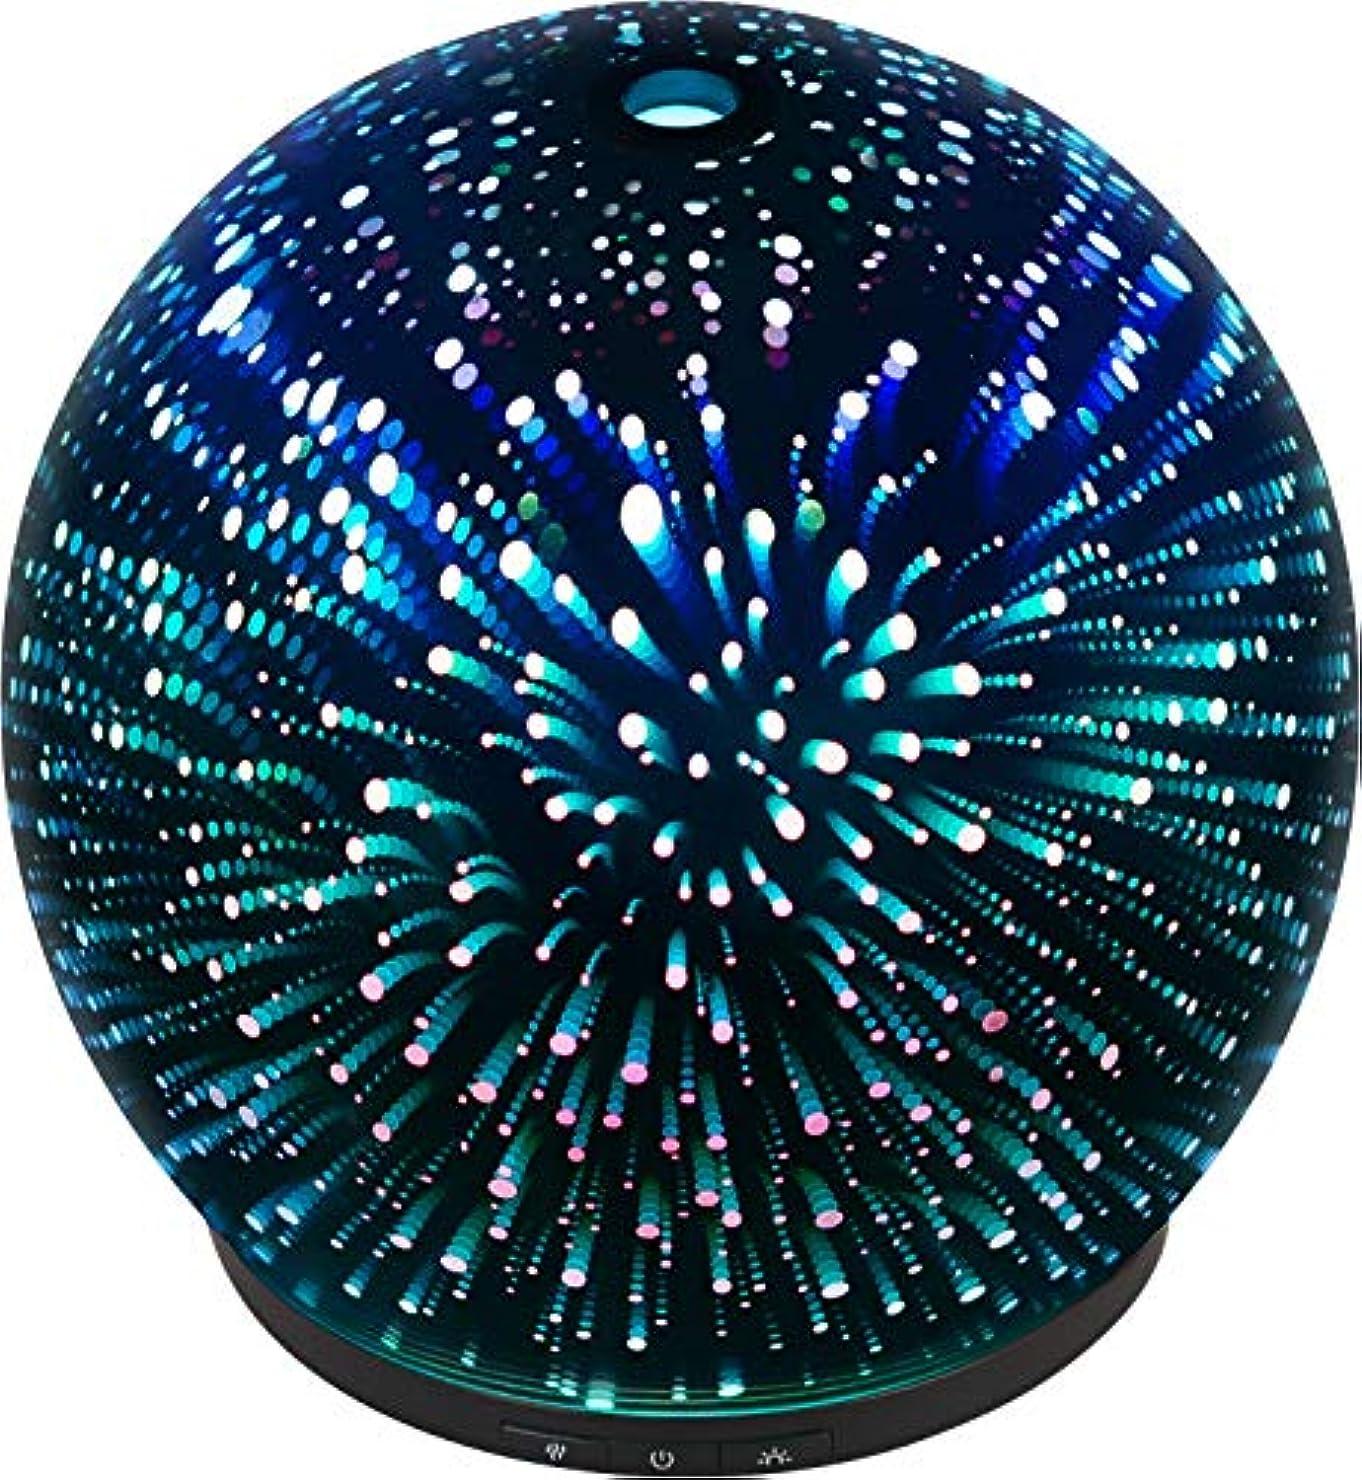 シャンプー極めてマットレスEddax Aromatherapy ミストディフューザー オートシャットオフ機能付き、7色LEDライト&大型水タンク - 3Dエフェクトナイトライトアロマ加湿器(家庭、ヨガ、ベッドルーム、ジム用)